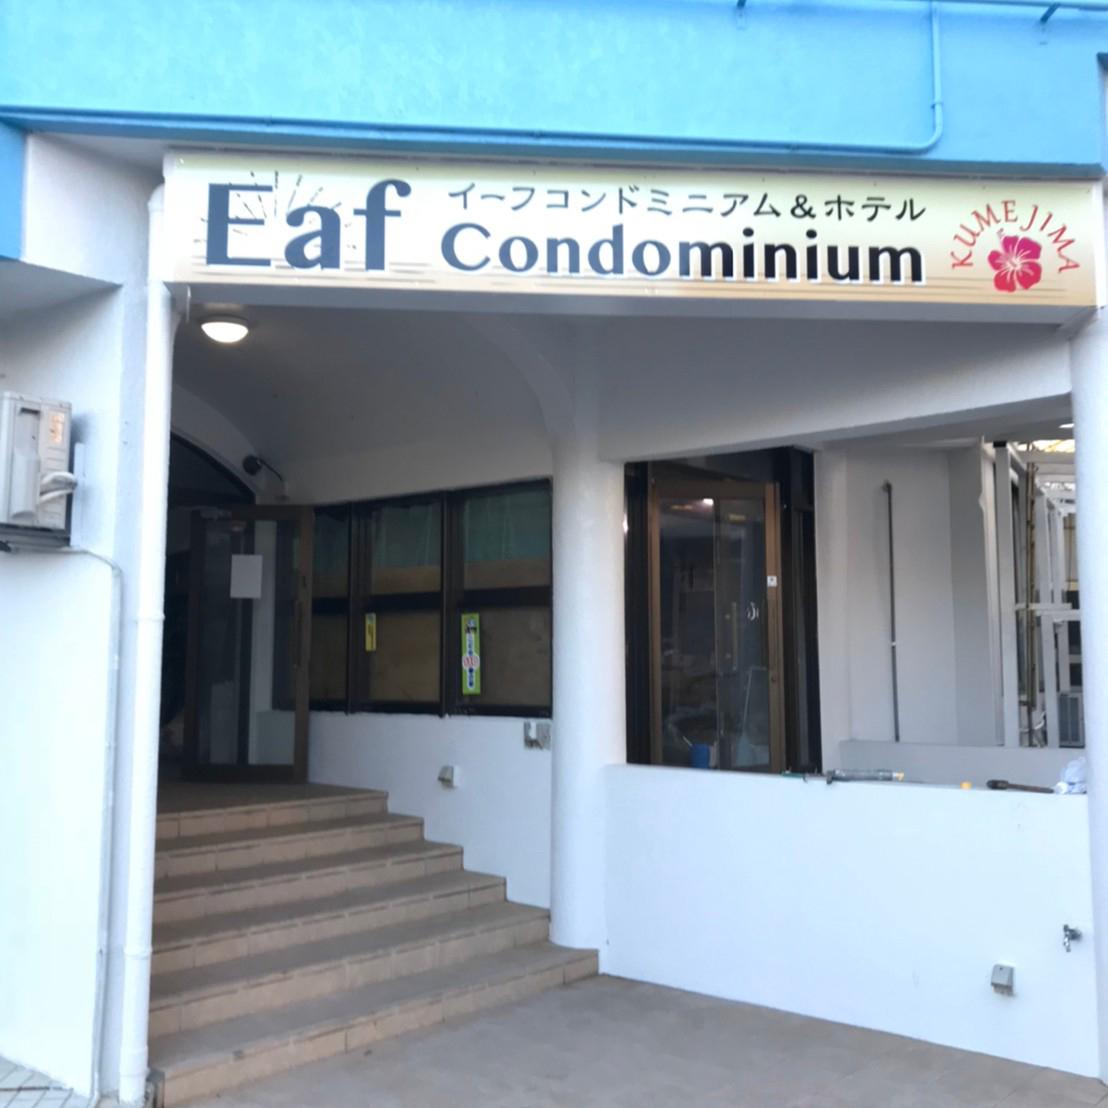 イーフコンドミニアム入口